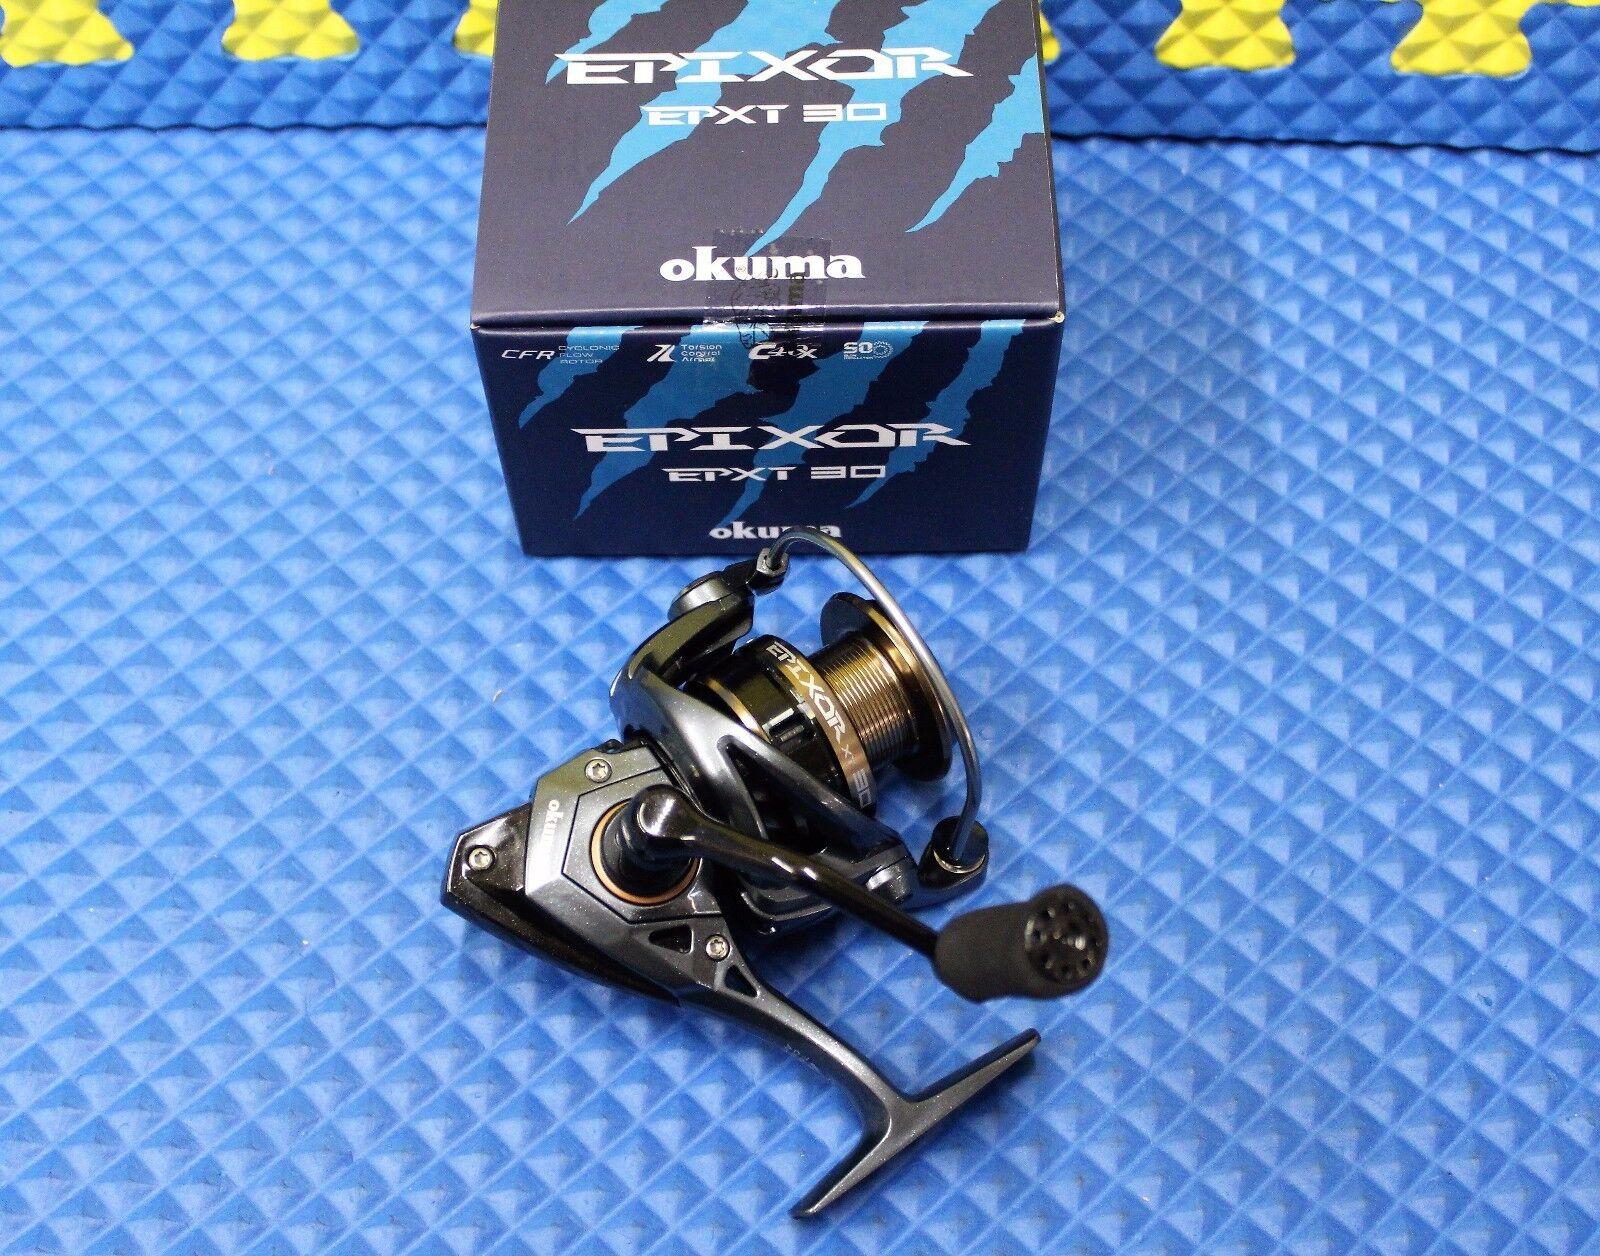 EPXT-20 Okuma Epixor XT 20 Lightweight Spinning Reel